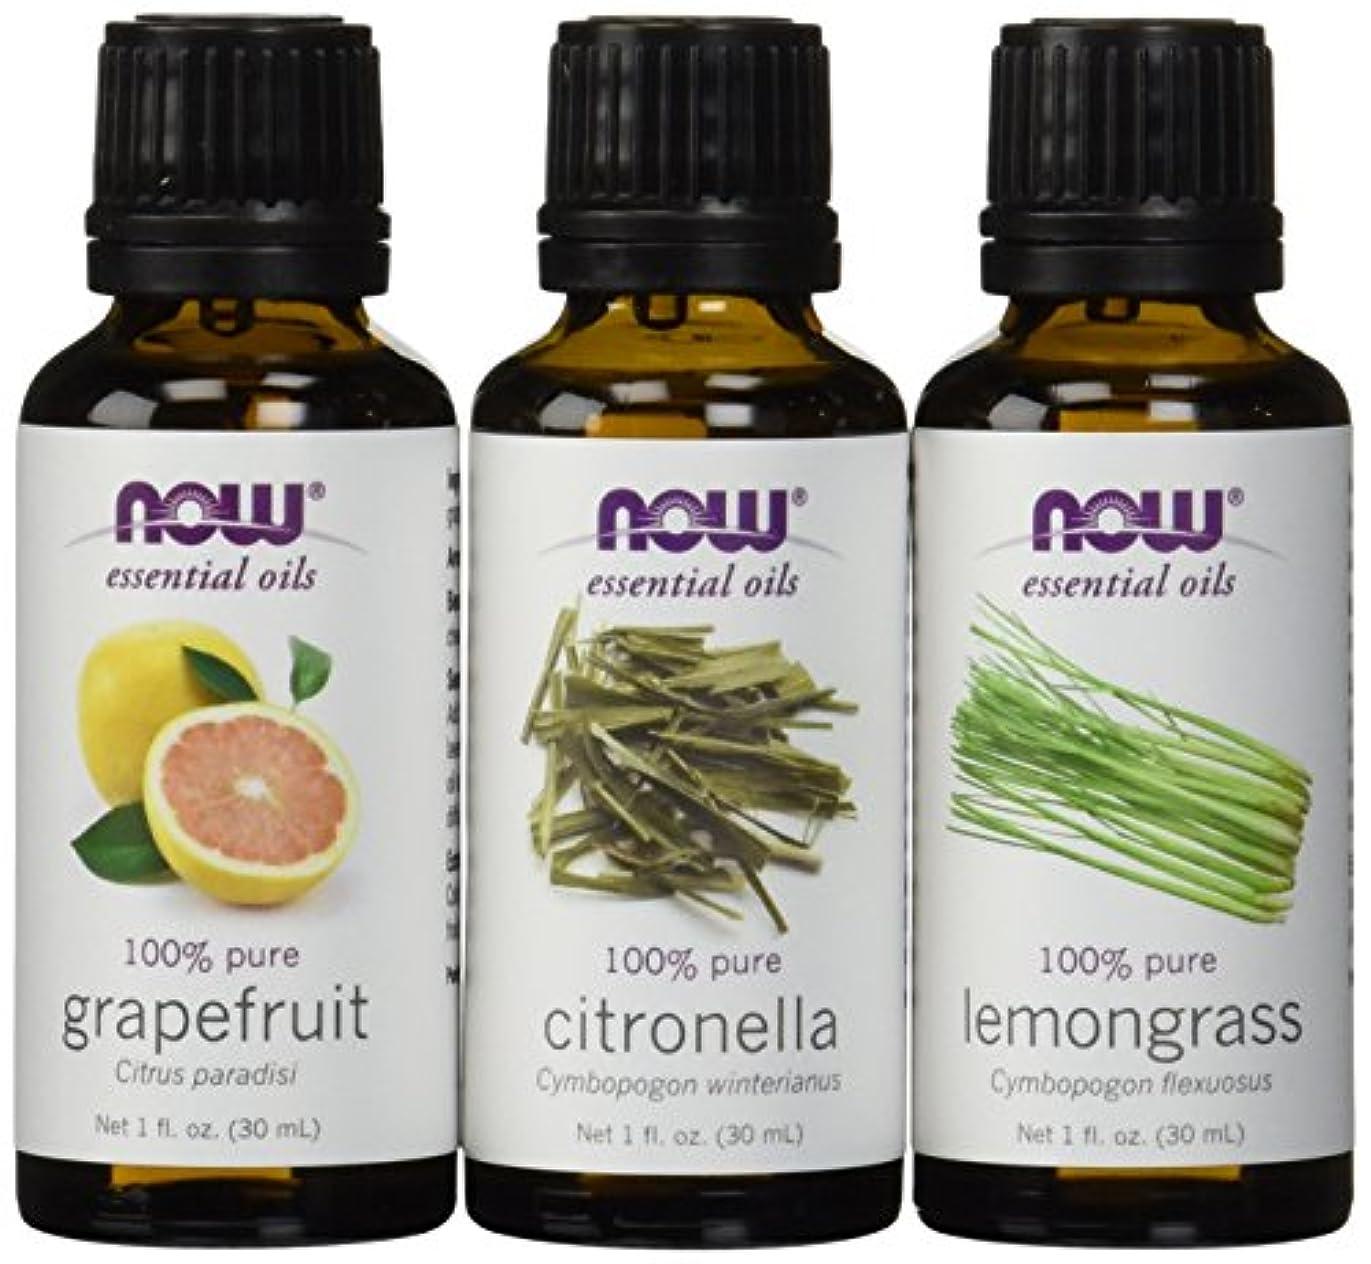 クリケットピグマリオンリアル虫除けに ナウフーズ エッセンシャルオイルブレンド:シトロネラ?レモングラス?グレープフルーツ[各30ml] NOW Essential Oils: Mosquito Repellent Blend - Citronella...